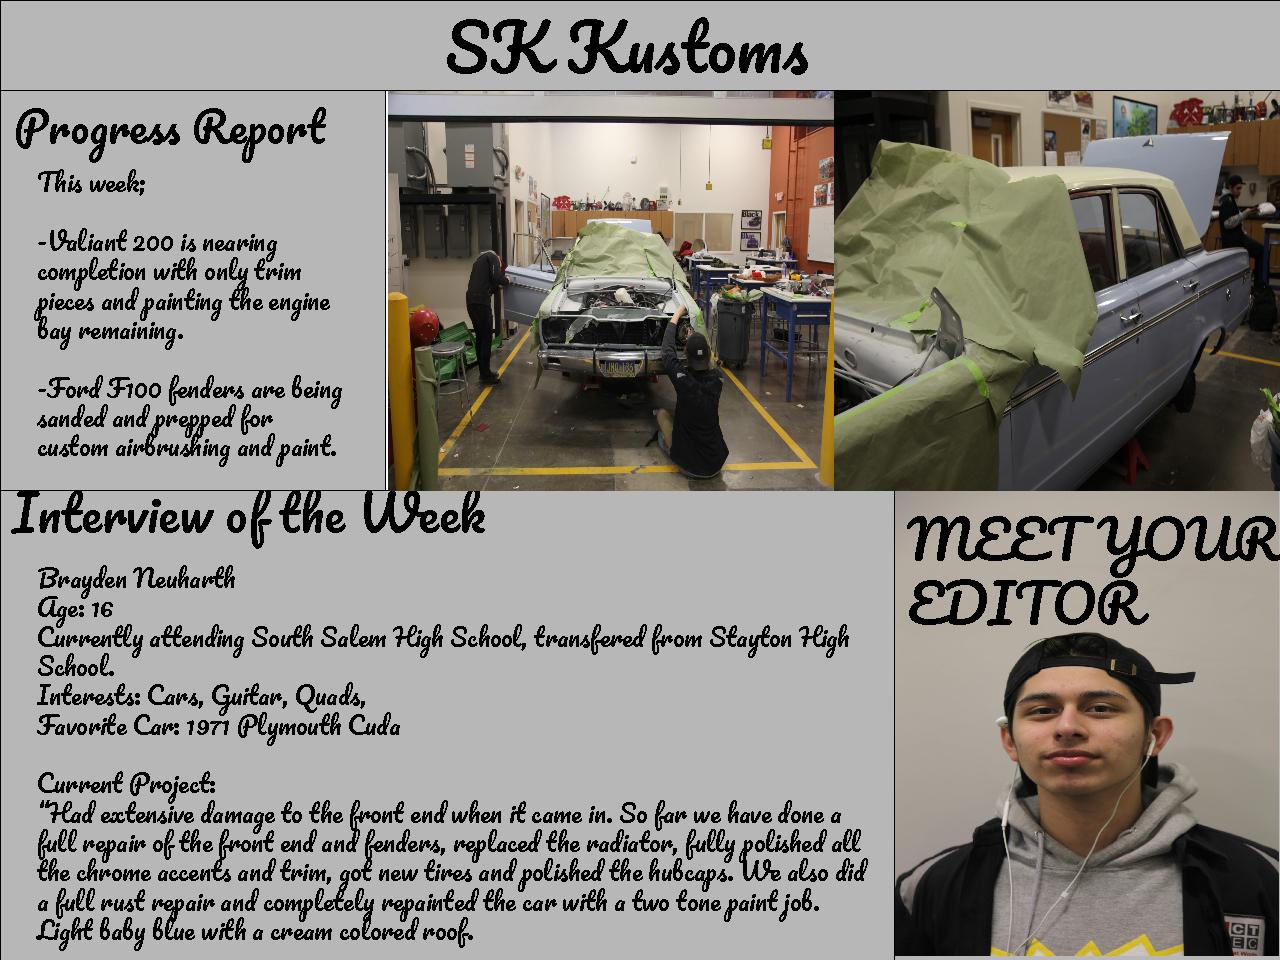 SK Kustoms Newsletter - Progress Report, Interview of the Week